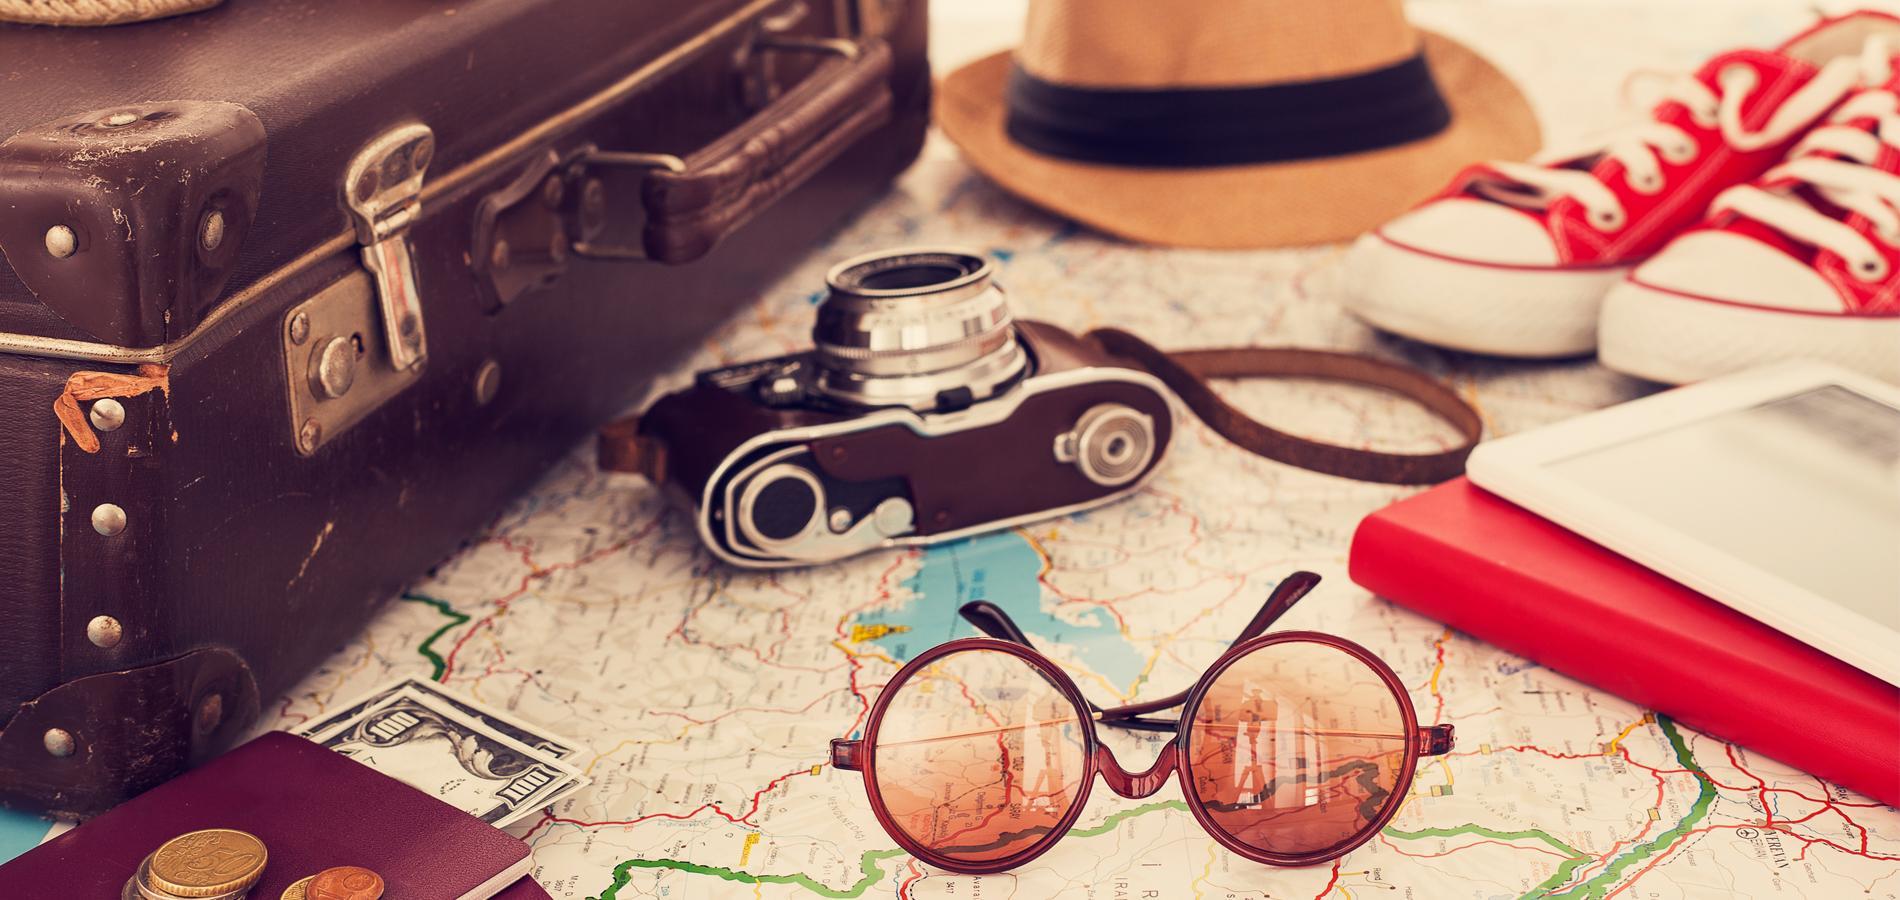 accessoires indispensables à ne pas oublier dans sa valise